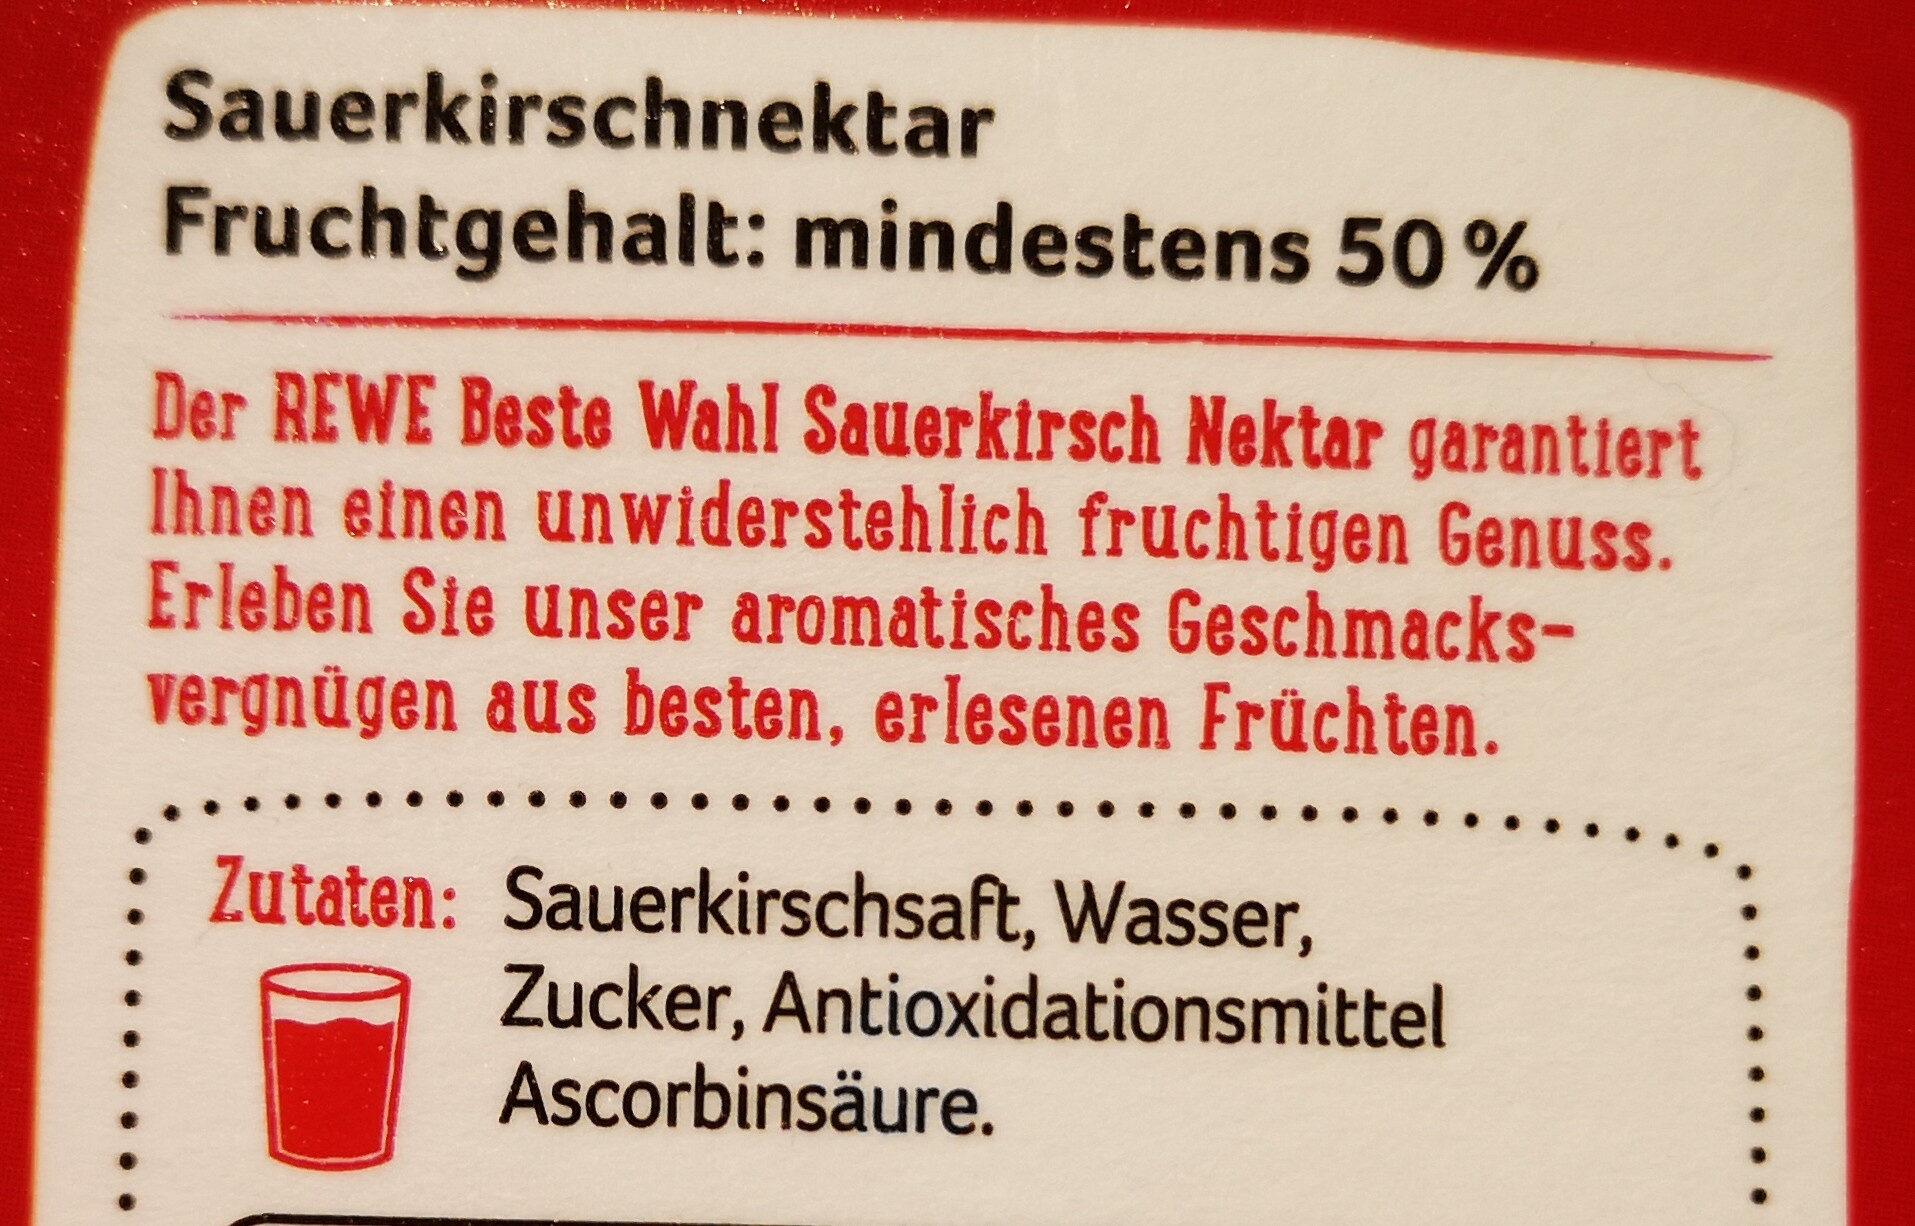 Beste Wahl Sauerkirschnektar Fruchtgehalt mindestens 50% - Ingredients